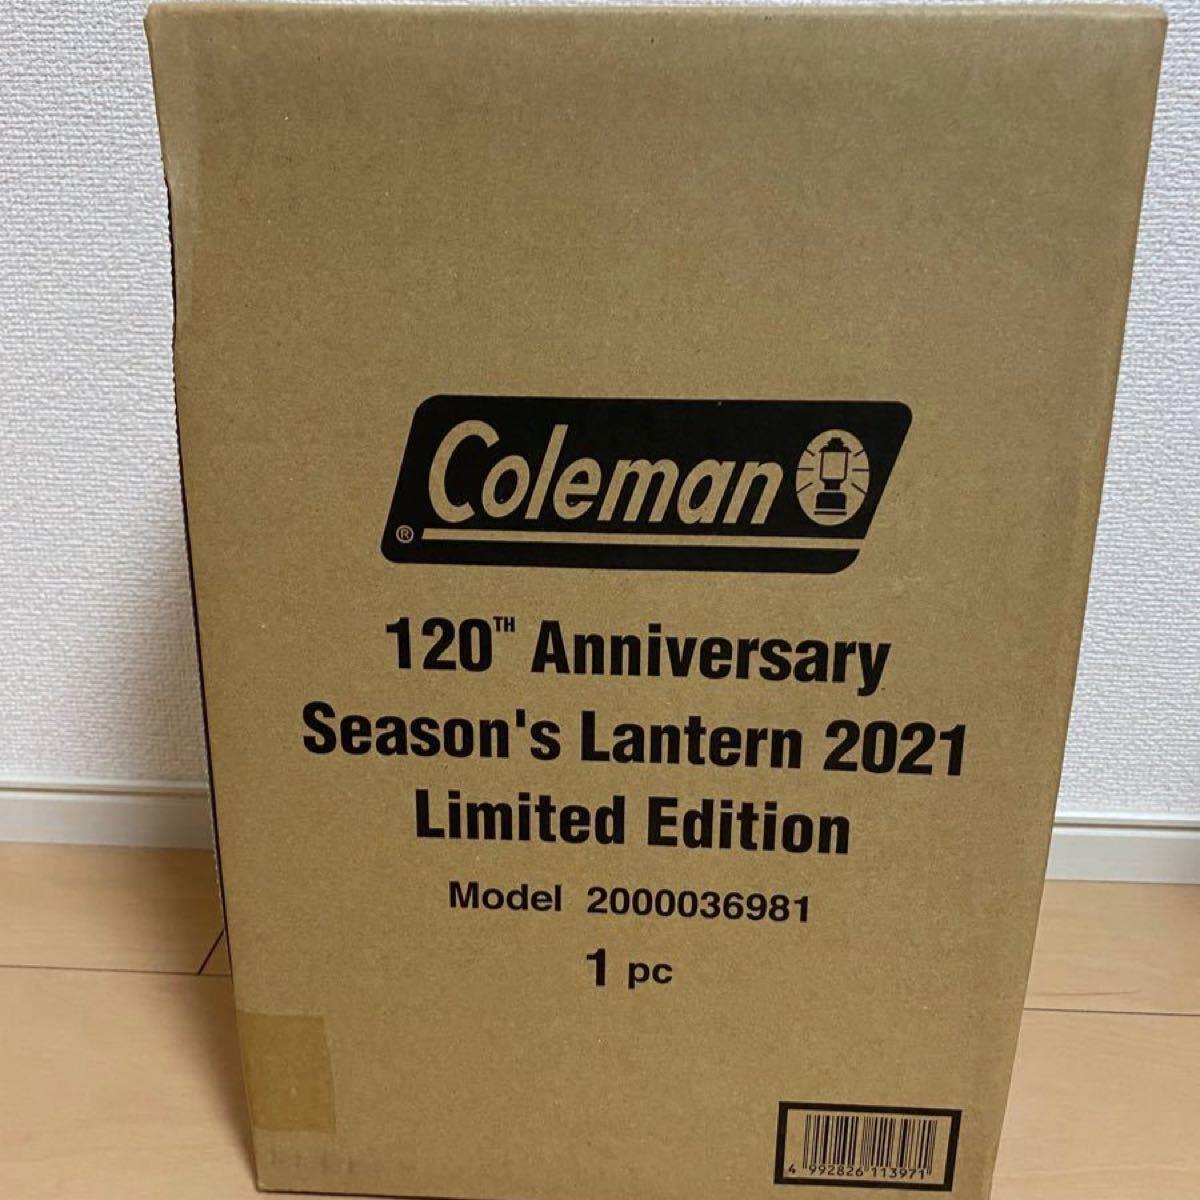 コールマン 120th アニバーサリー シーズンズランタン2021 Coleman 120周年 記念モデル ランタン